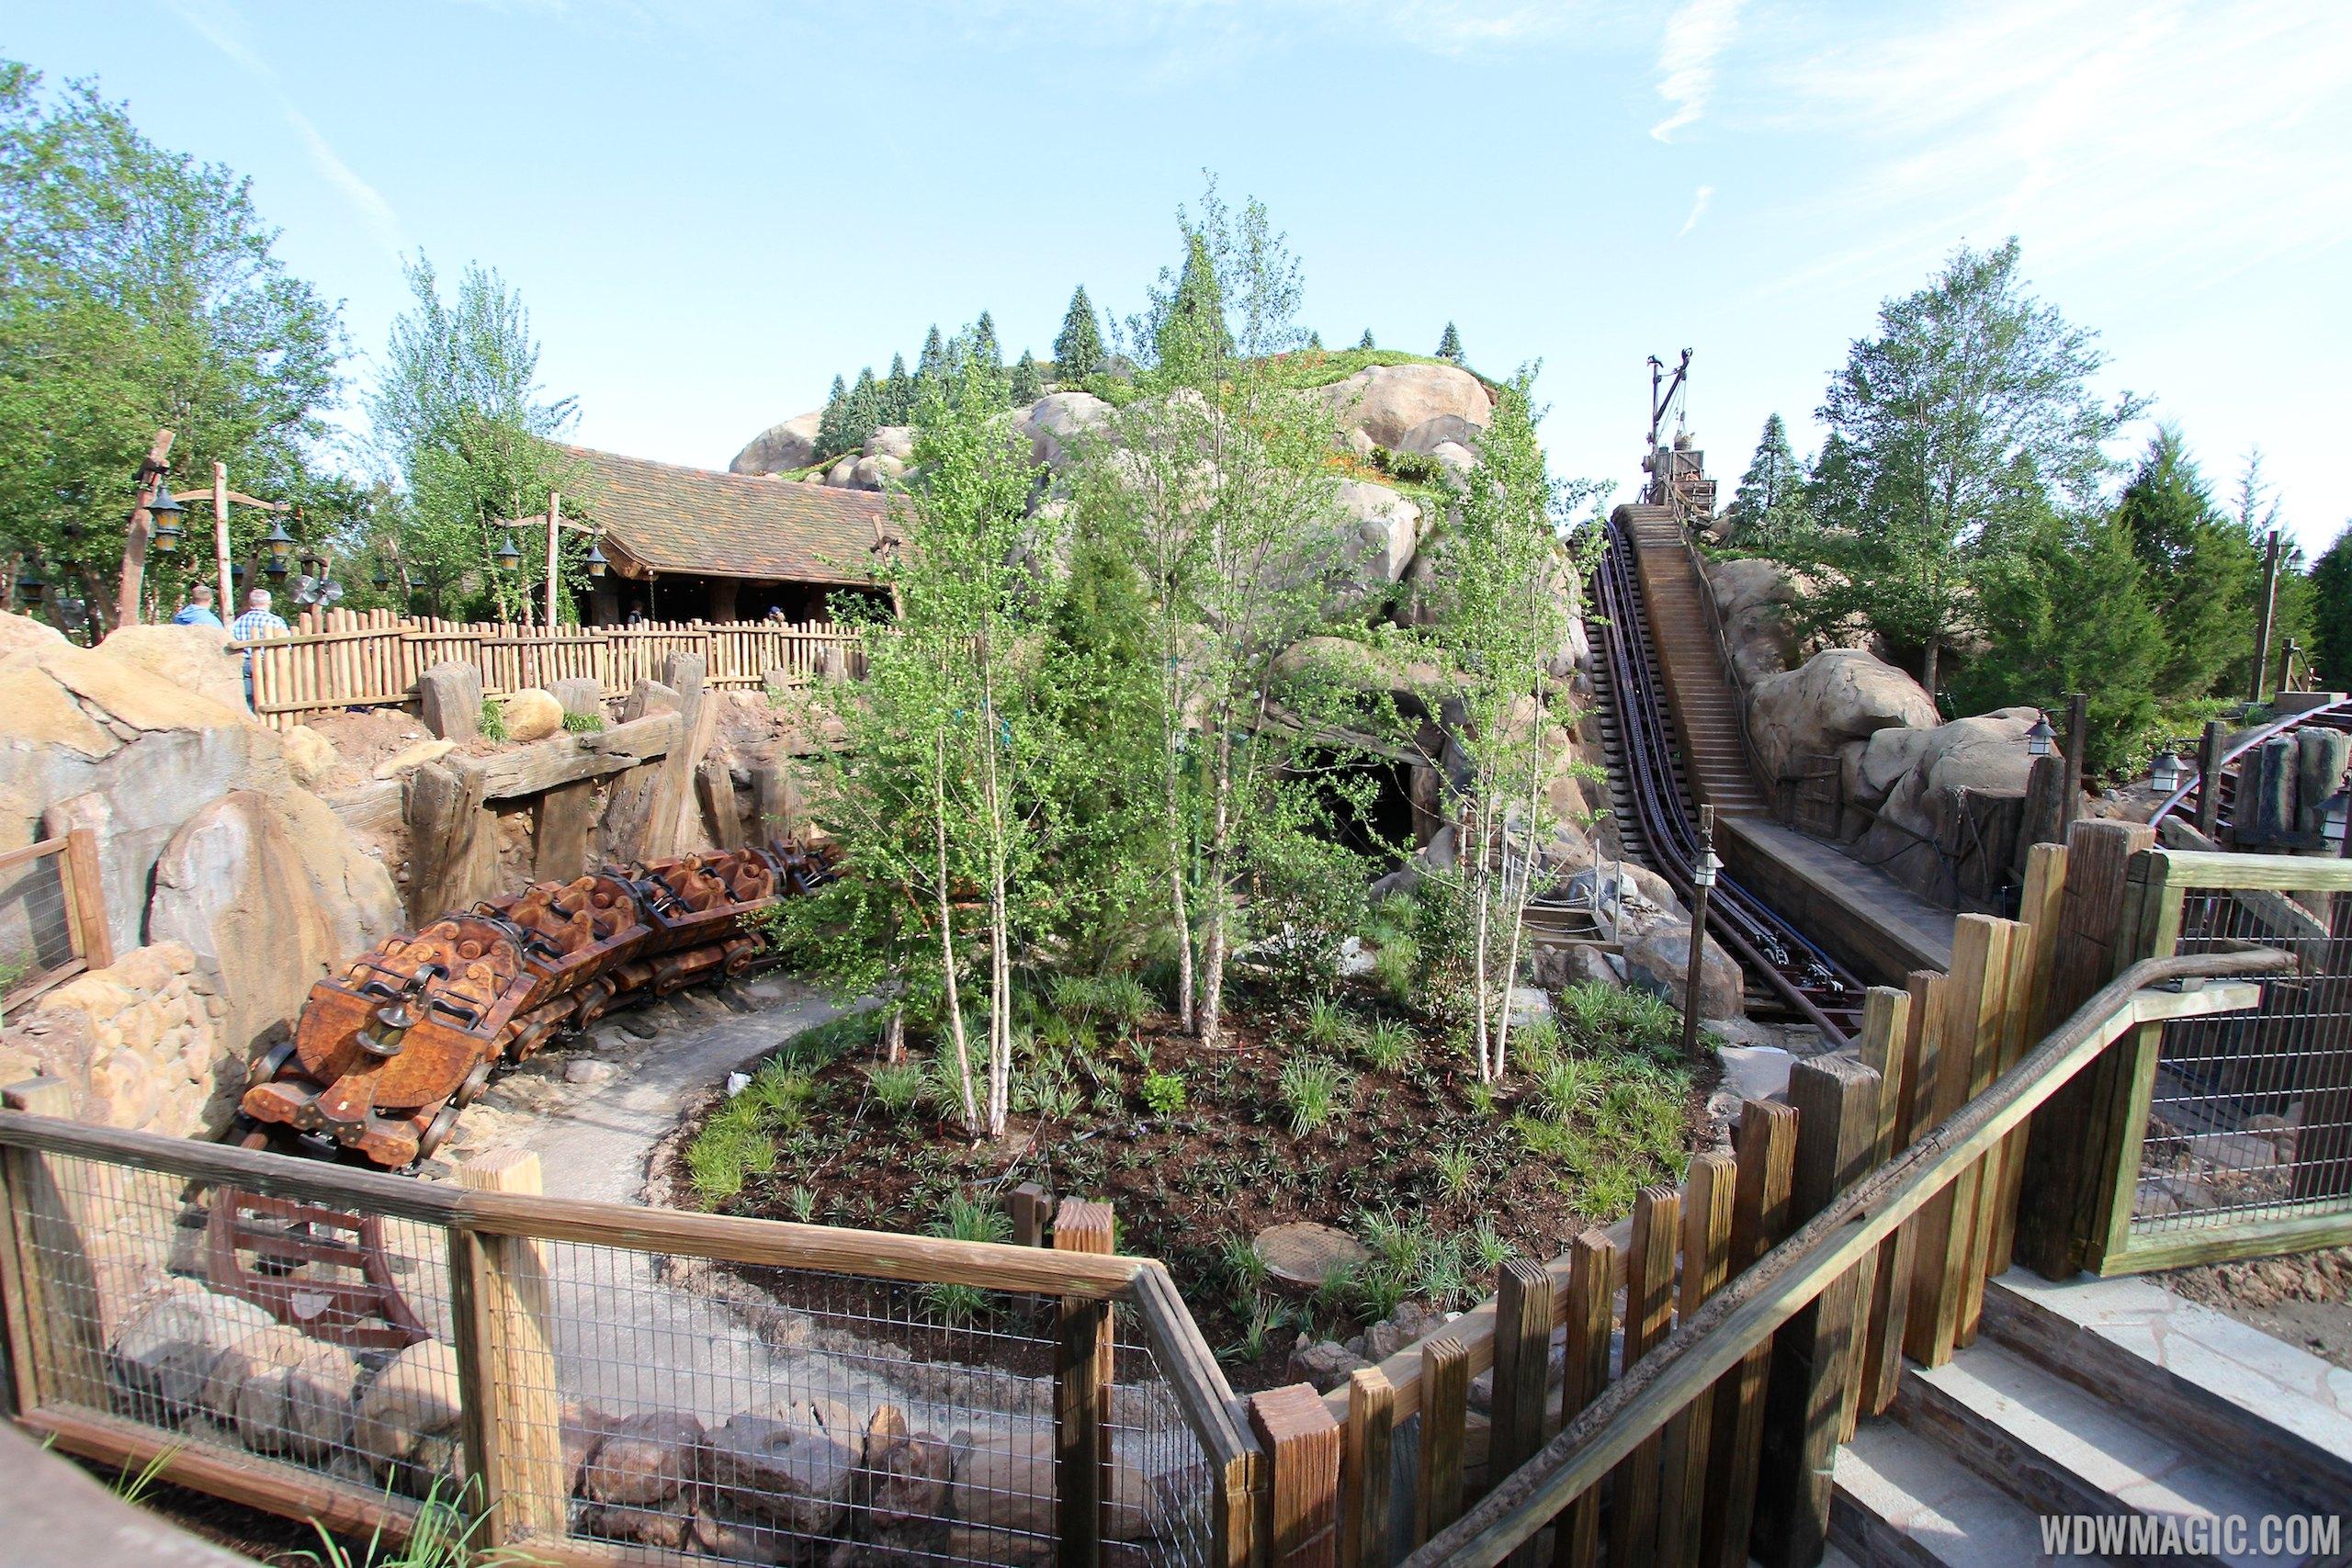 Seven Dwarfs Mine Train lift and track